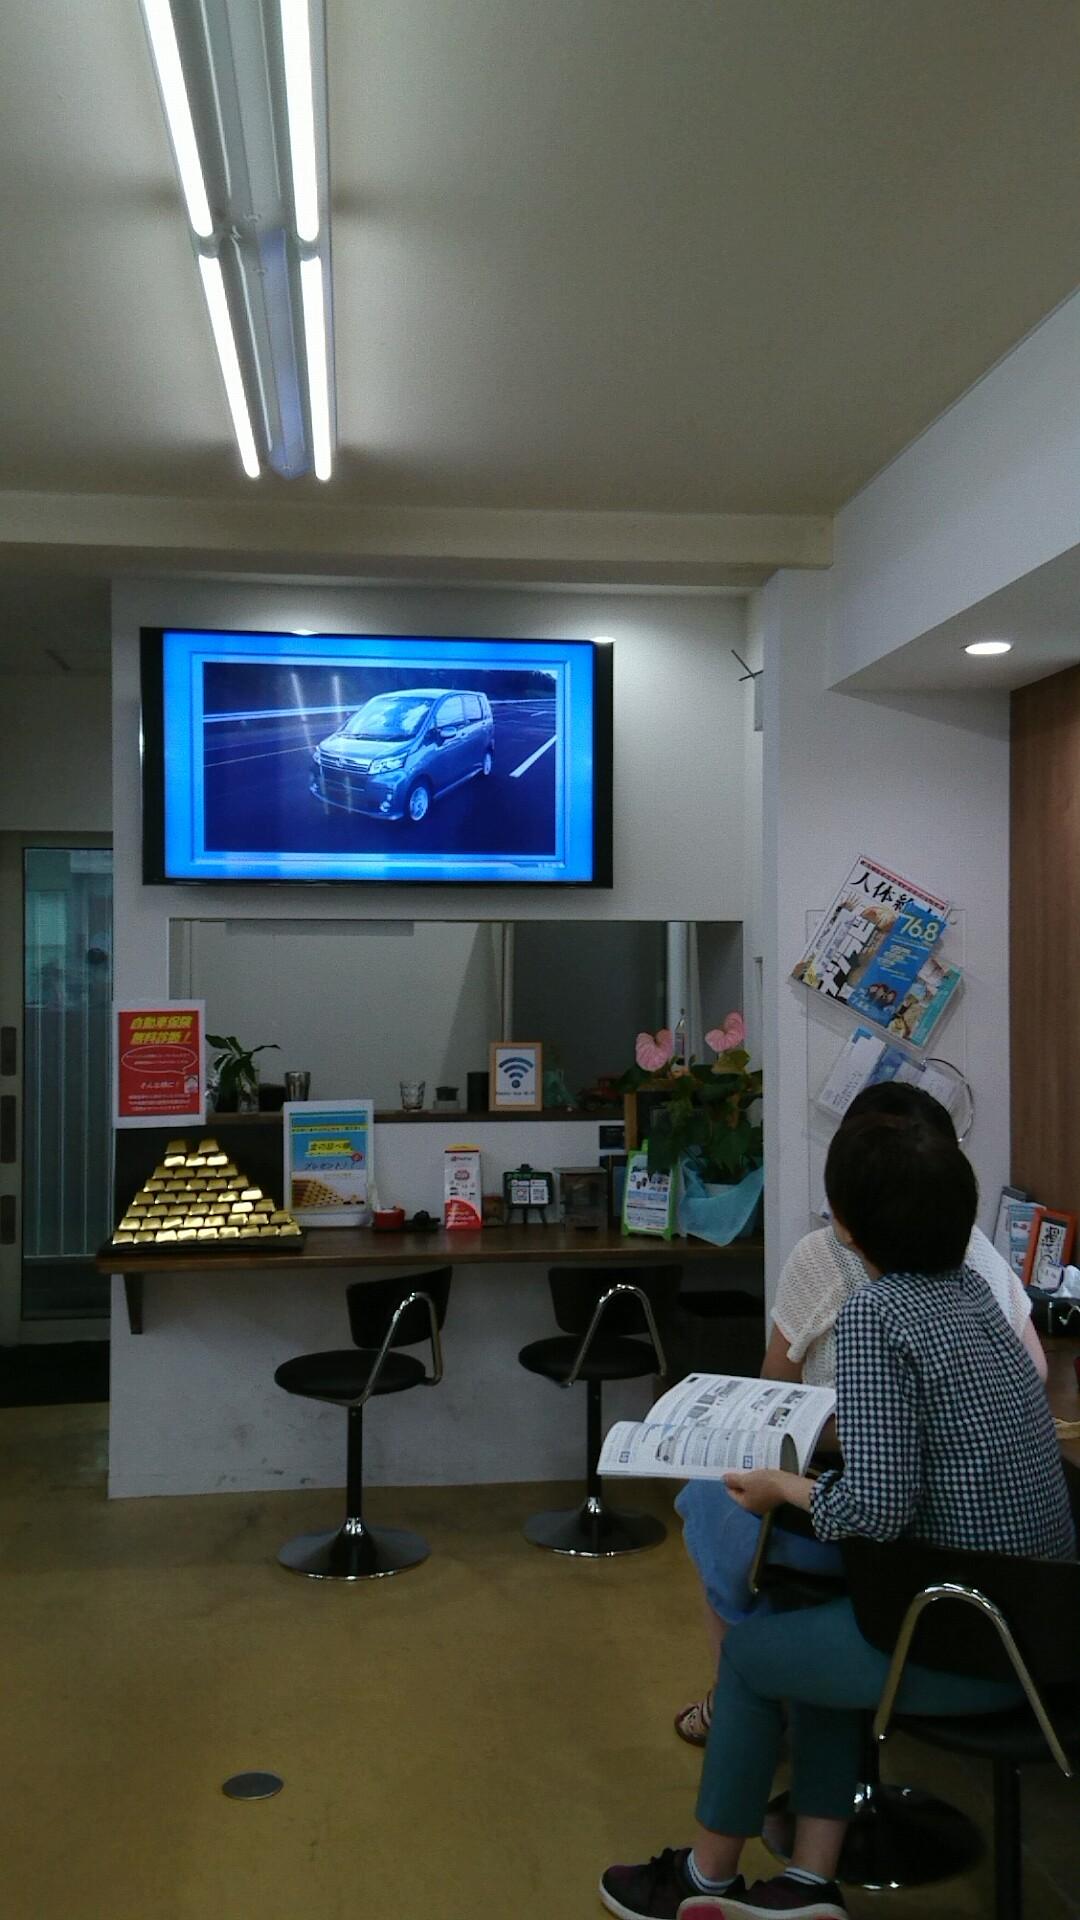 説明上手なテレビ。_b0237229_16022790.jpg